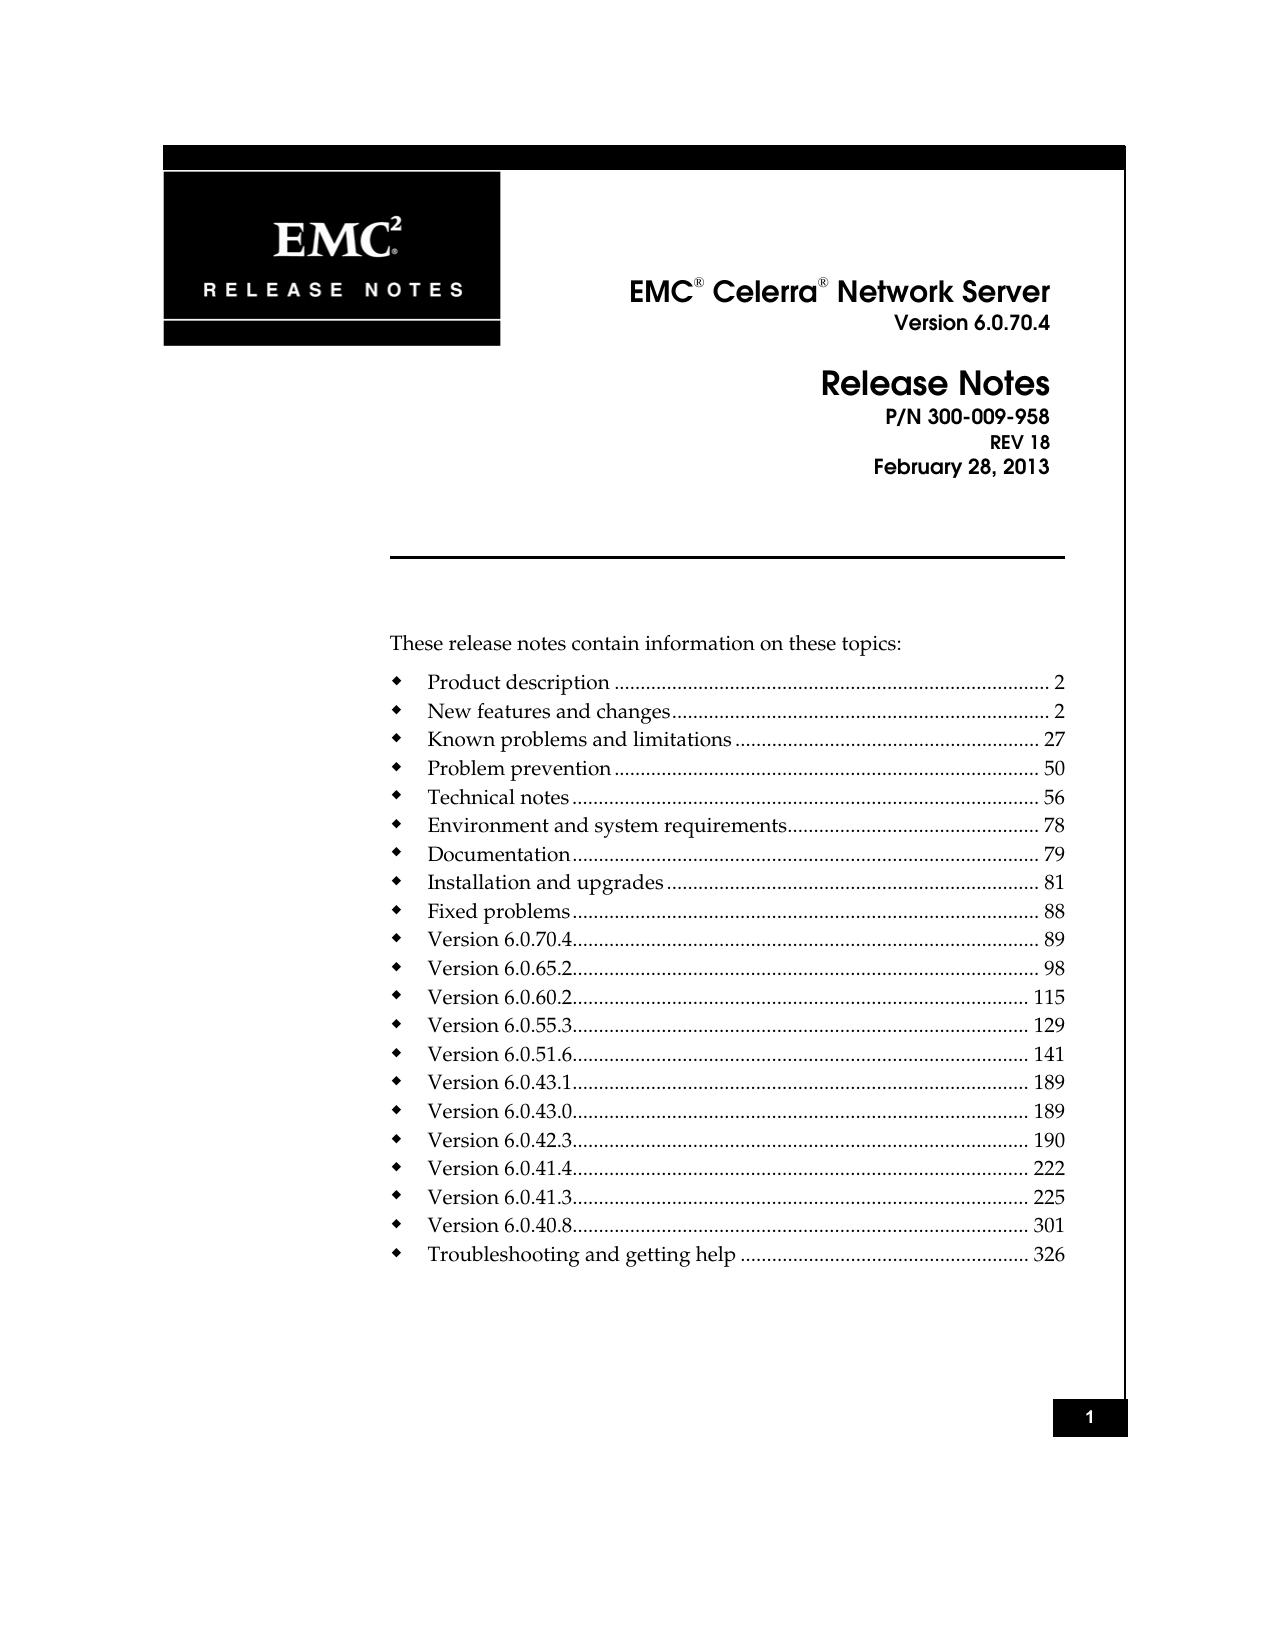 EMC Celerra Network Server Release Notes | manualzz com